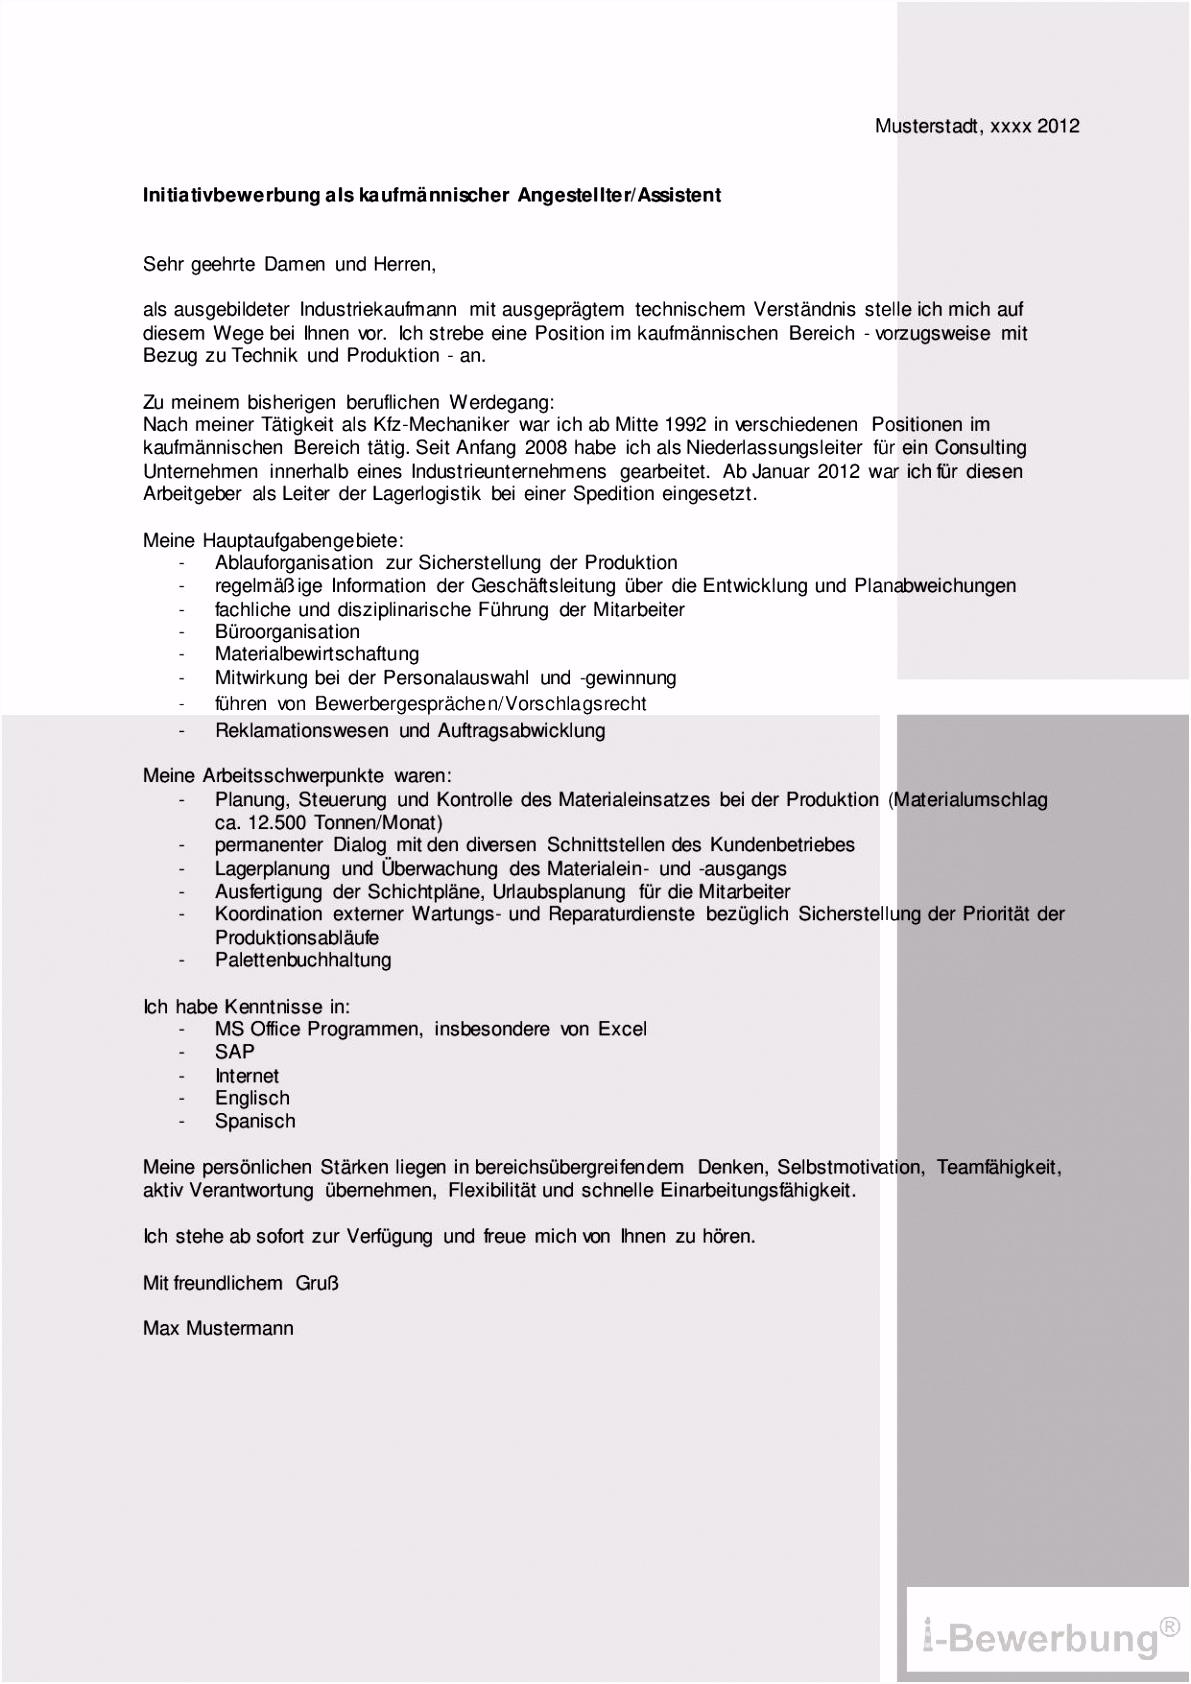 Mitarbeiterbewertung Vorlage 10 Muster Anschreiben Urlaubsplanung Z6xu55rrr3 Ovie06gyi6